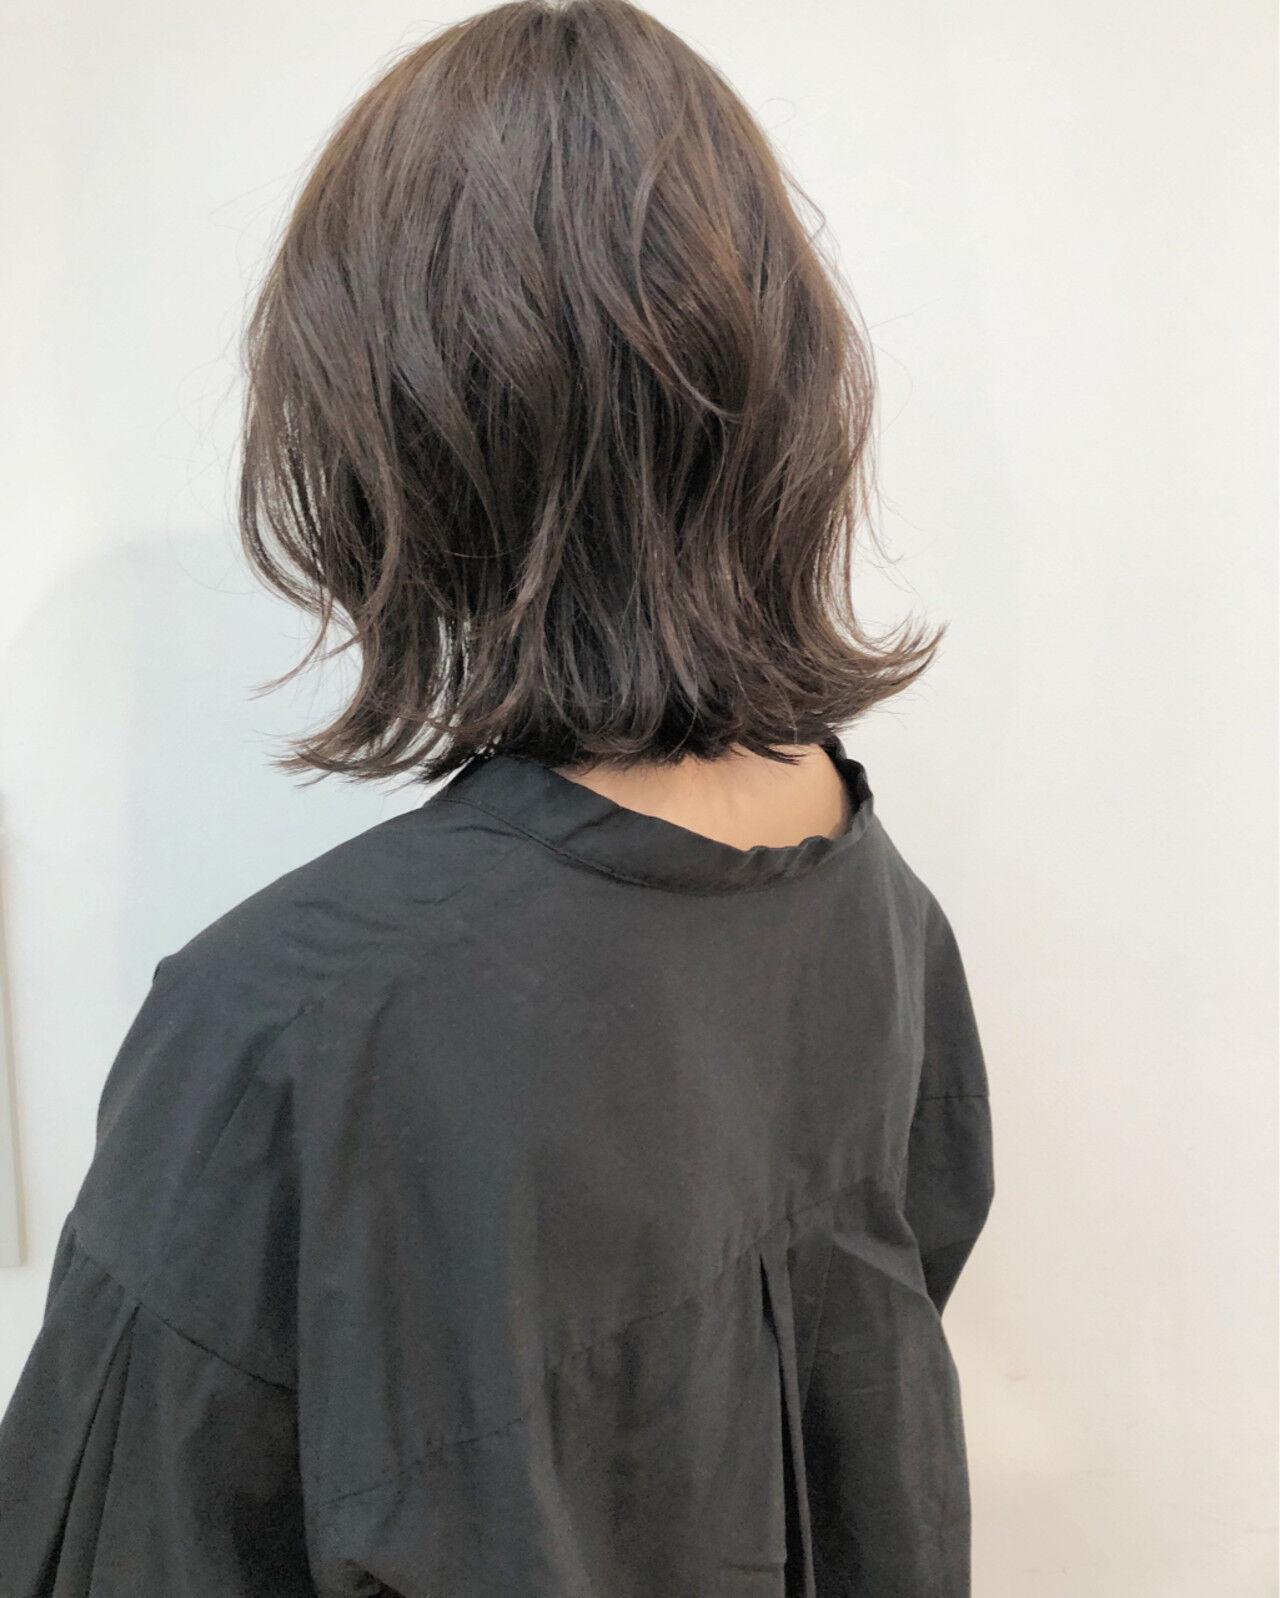 ゆるふわ グレージュ ロブ 切りっぱなしヘアスタイルや髪型の写真・画像